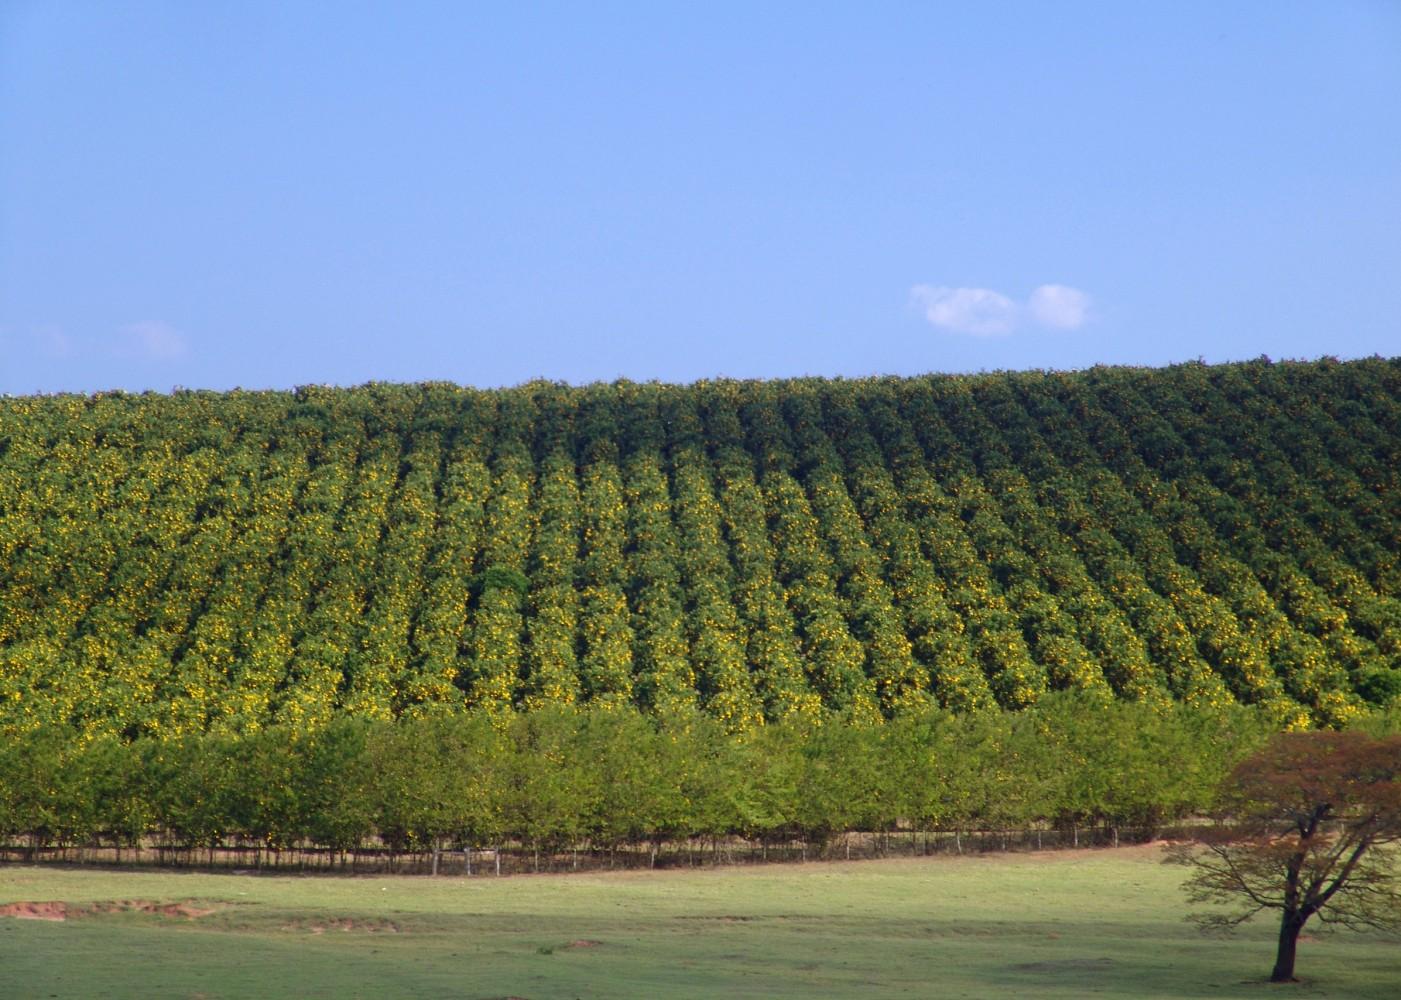 Une culture d'orangers au Brésil, premier producteur mondial d'huiles essentielles - © D.R.